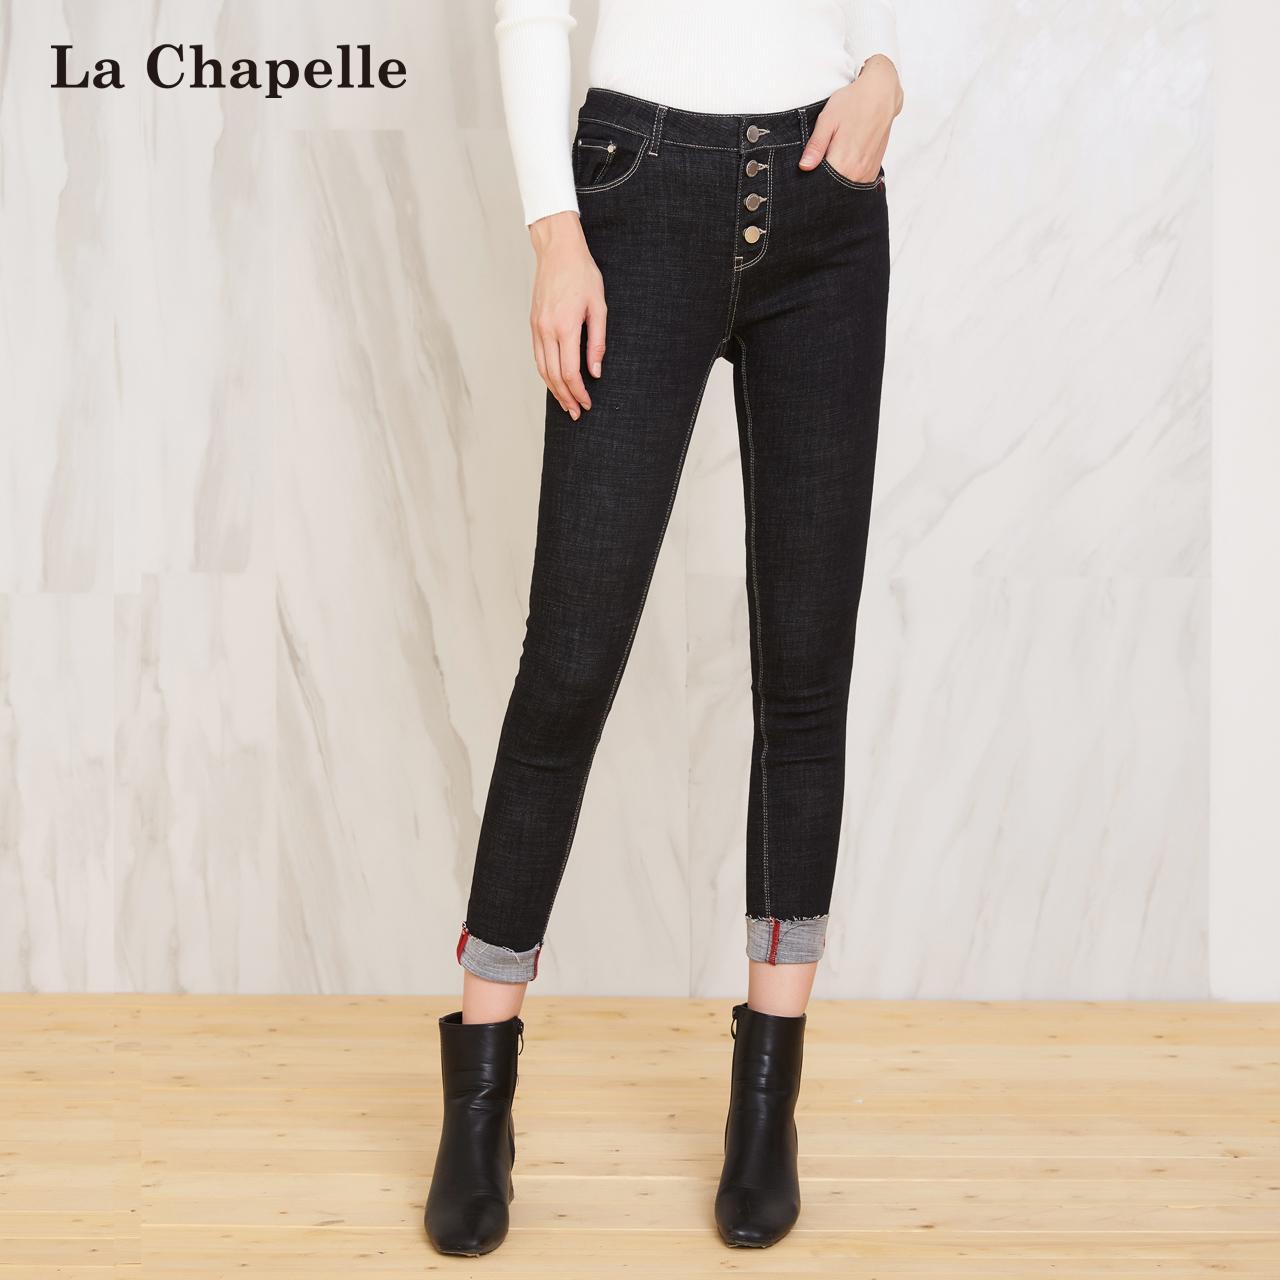 La Chapelle-拉夏贝尔2018秋季新款牛仔裤女显瘦高腰百搭小脚裤